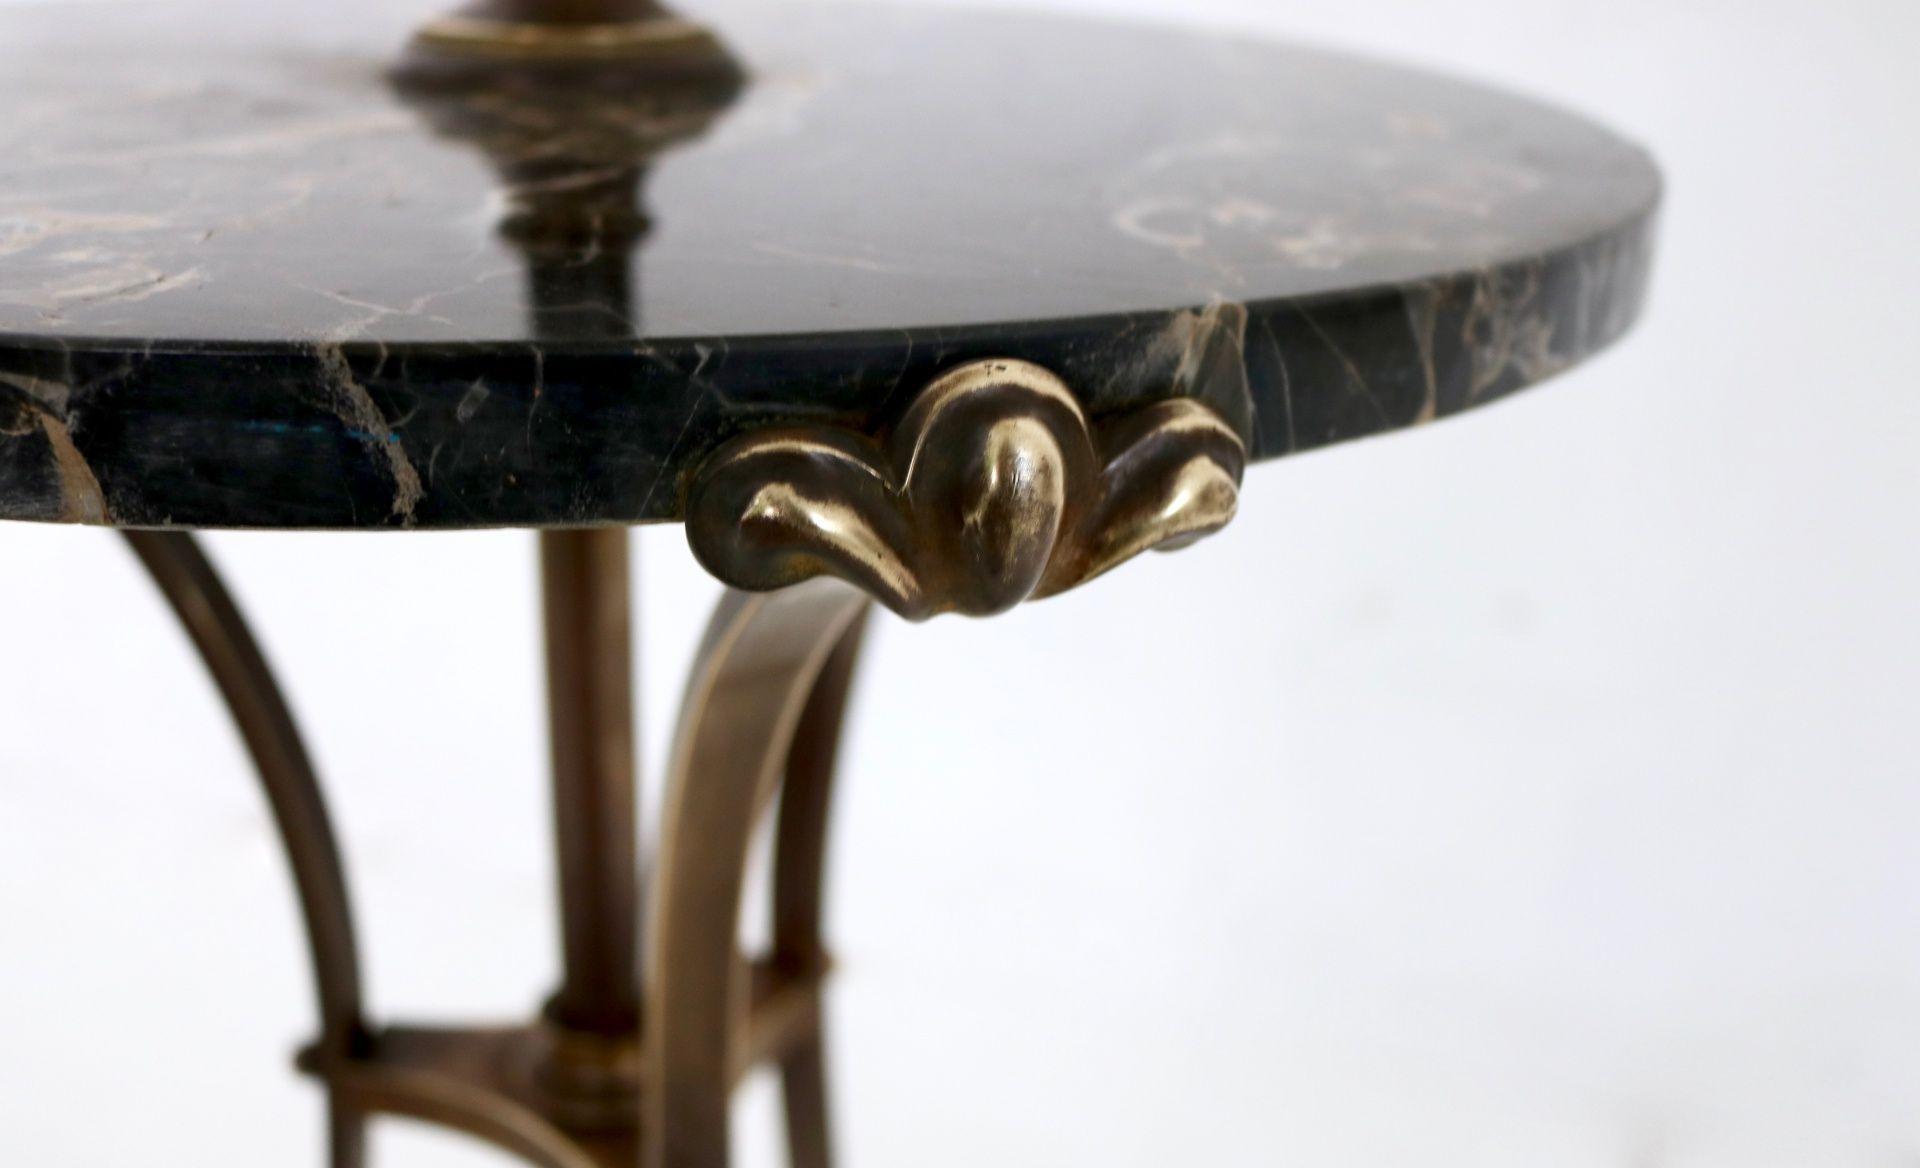 Bronze Telescopic Floor Lamp with Portoro Marble Tabletop 1920s